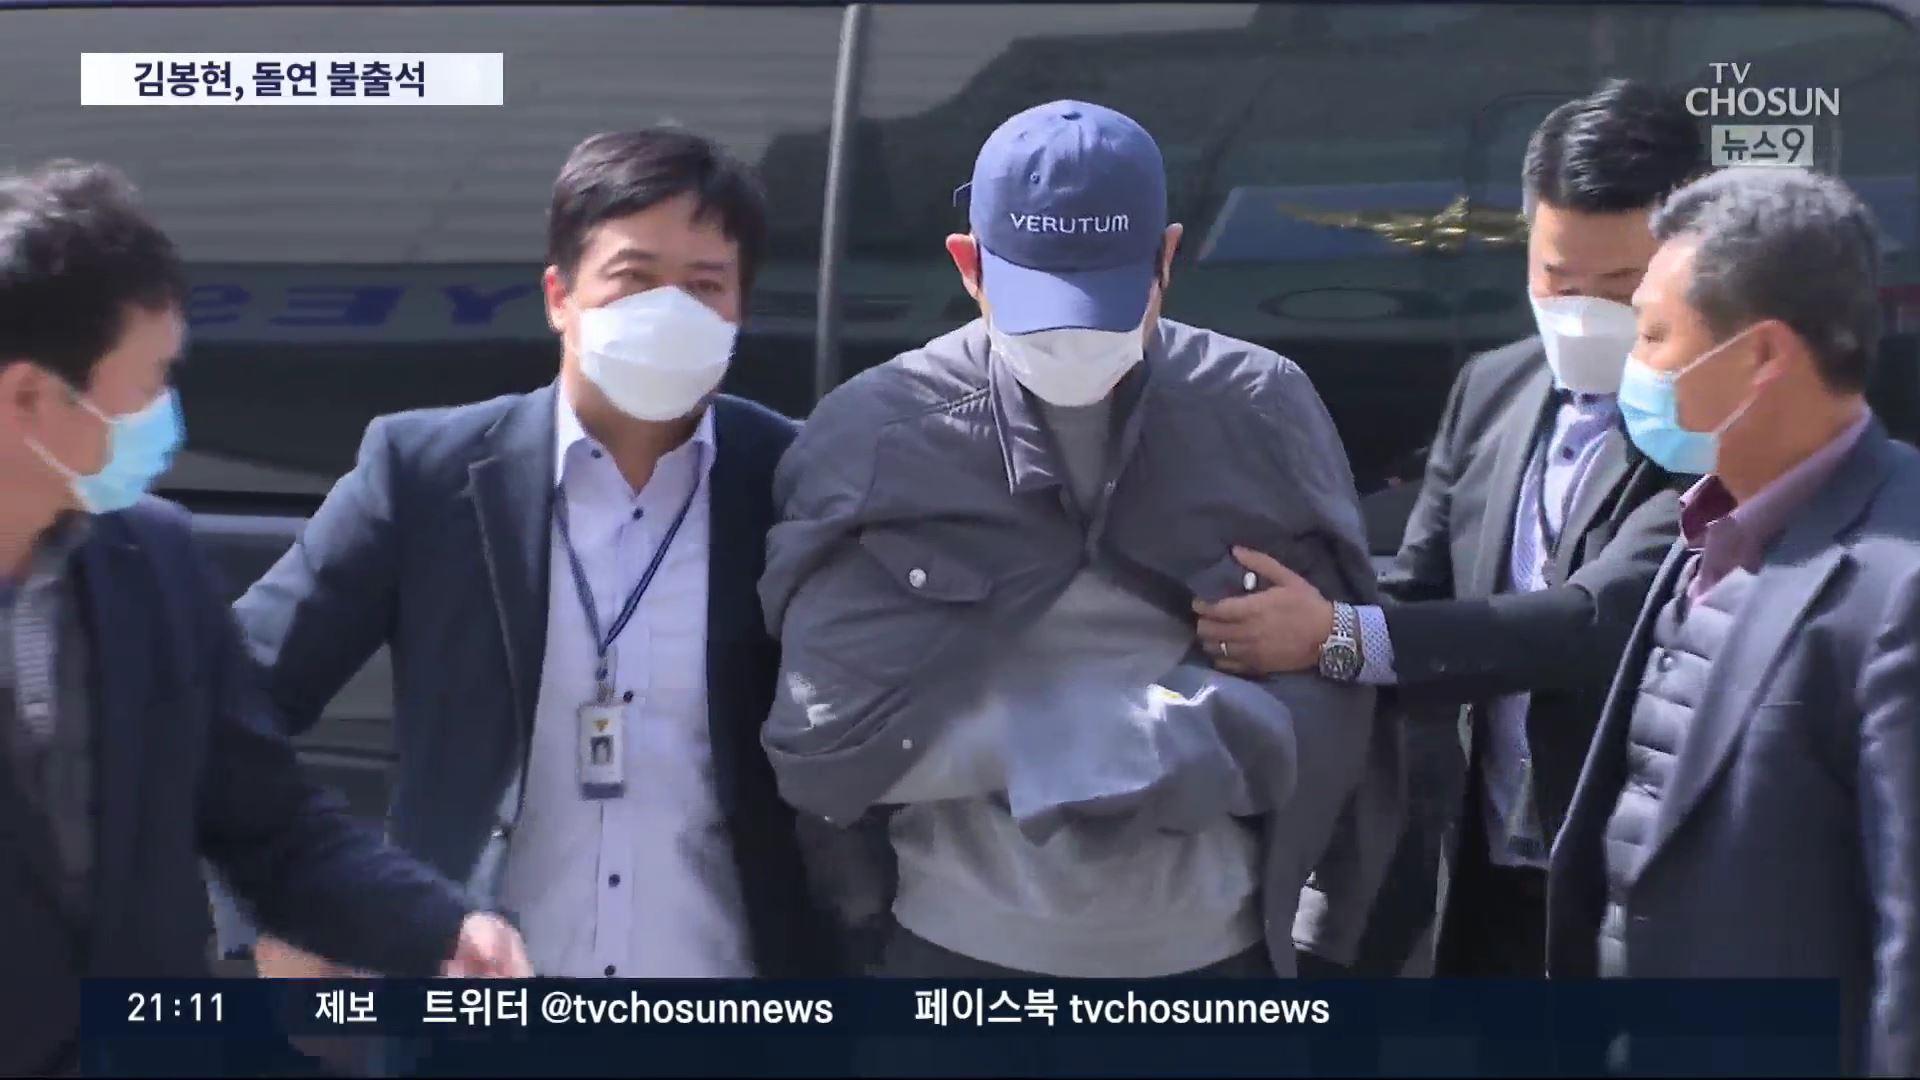 김봉현 측근 '이상호 룸살롱 사진, 김봉현 지시로 언론에 뿌렸다'